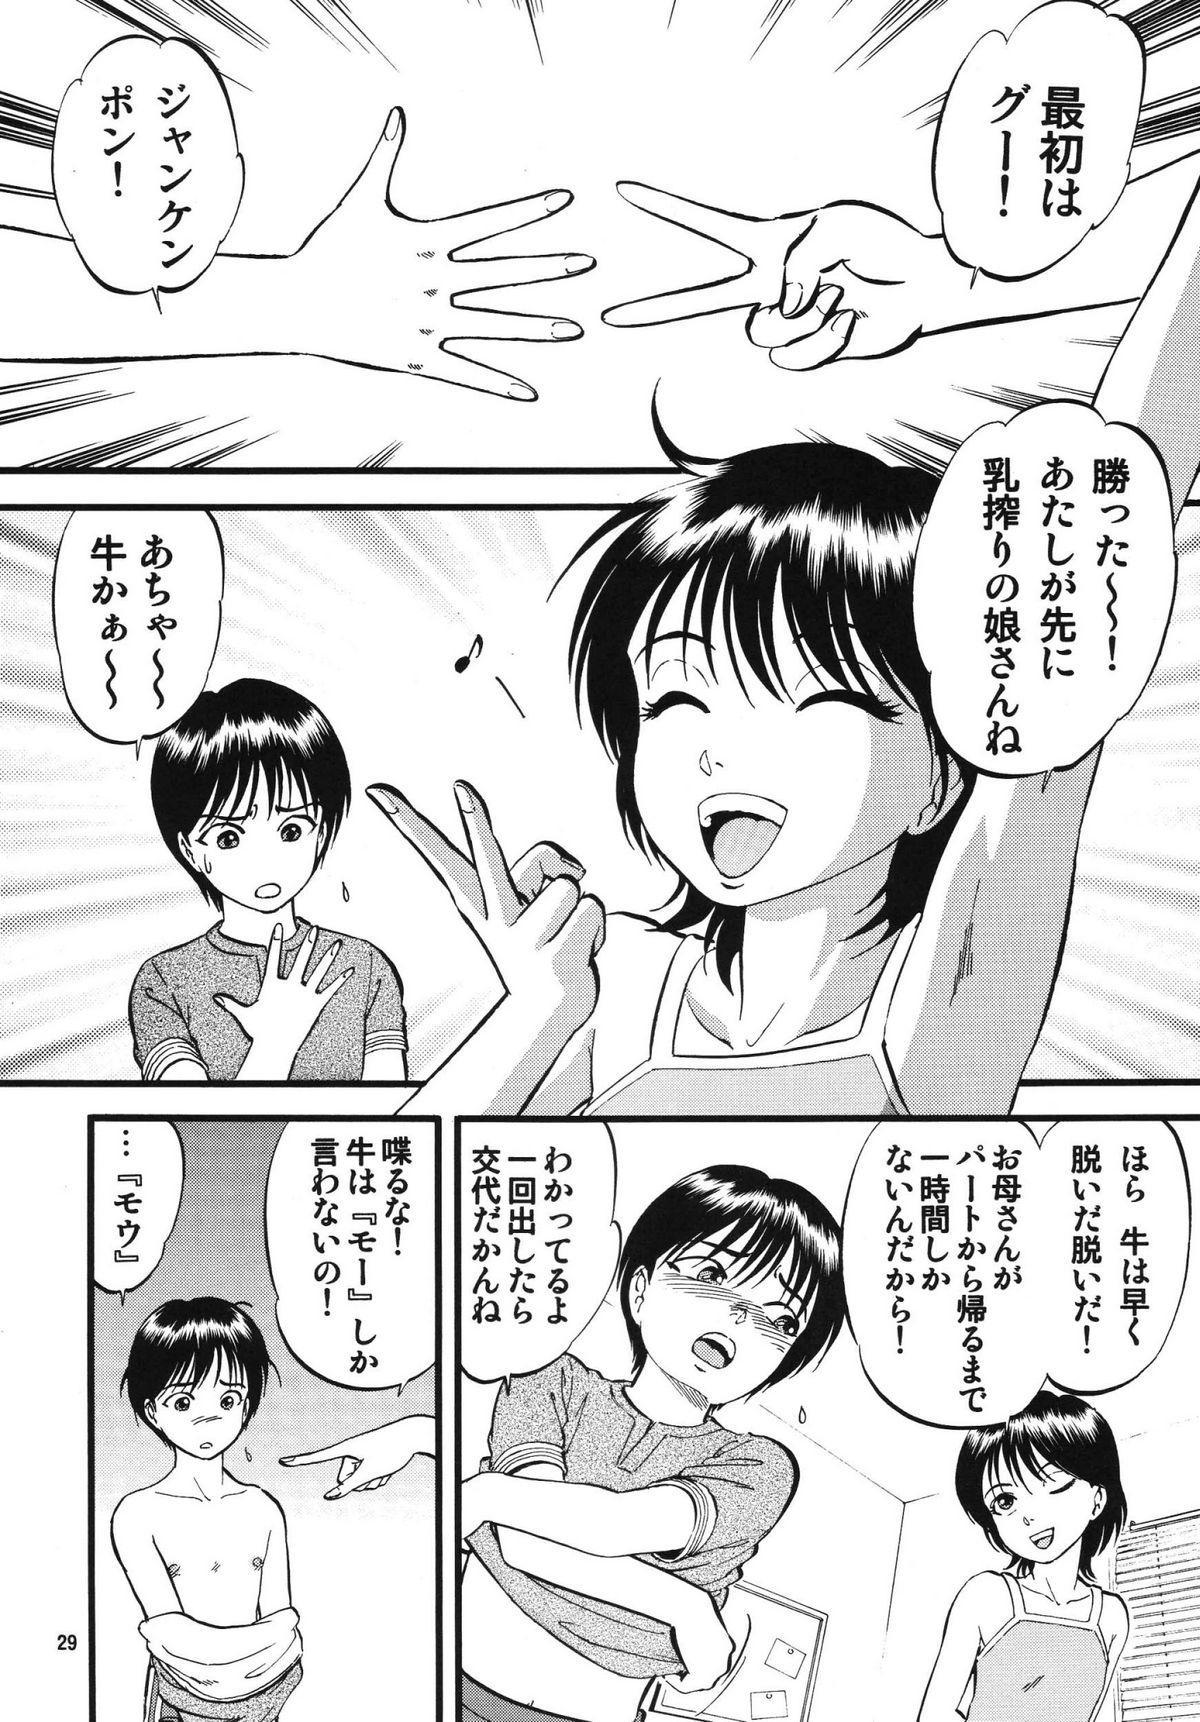 R Kyoudai Ki 28